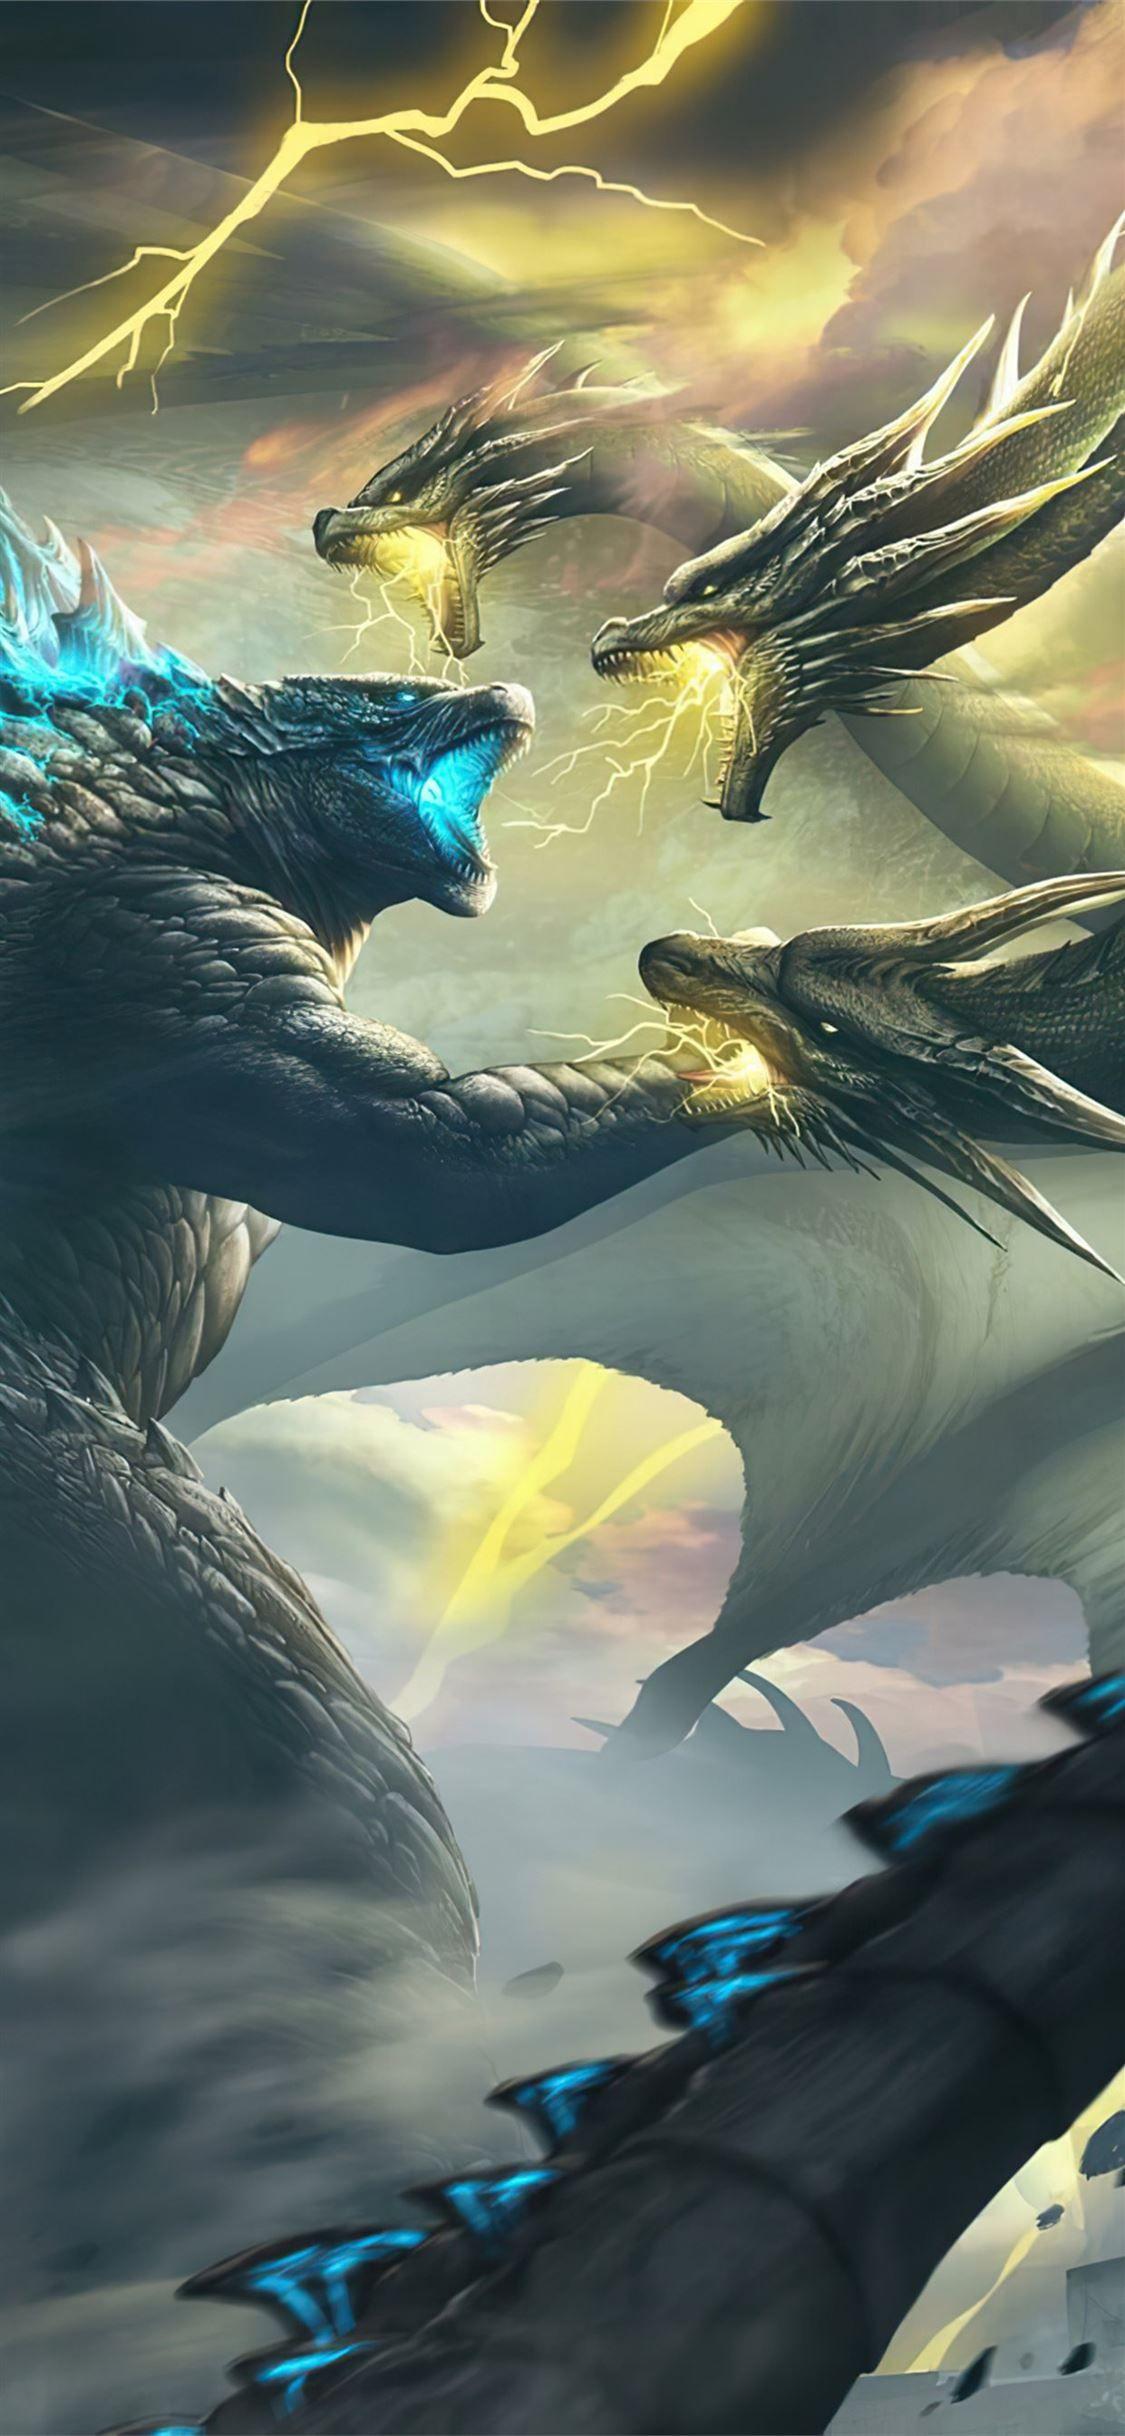 Ghidorah Godzilla King Of The Monsters 4k Godzillakingofthemonsters 2019movies Movies 4k Artstation Iphone11wa Godzilla Godzilla Wallpaper Kaiju Monsters